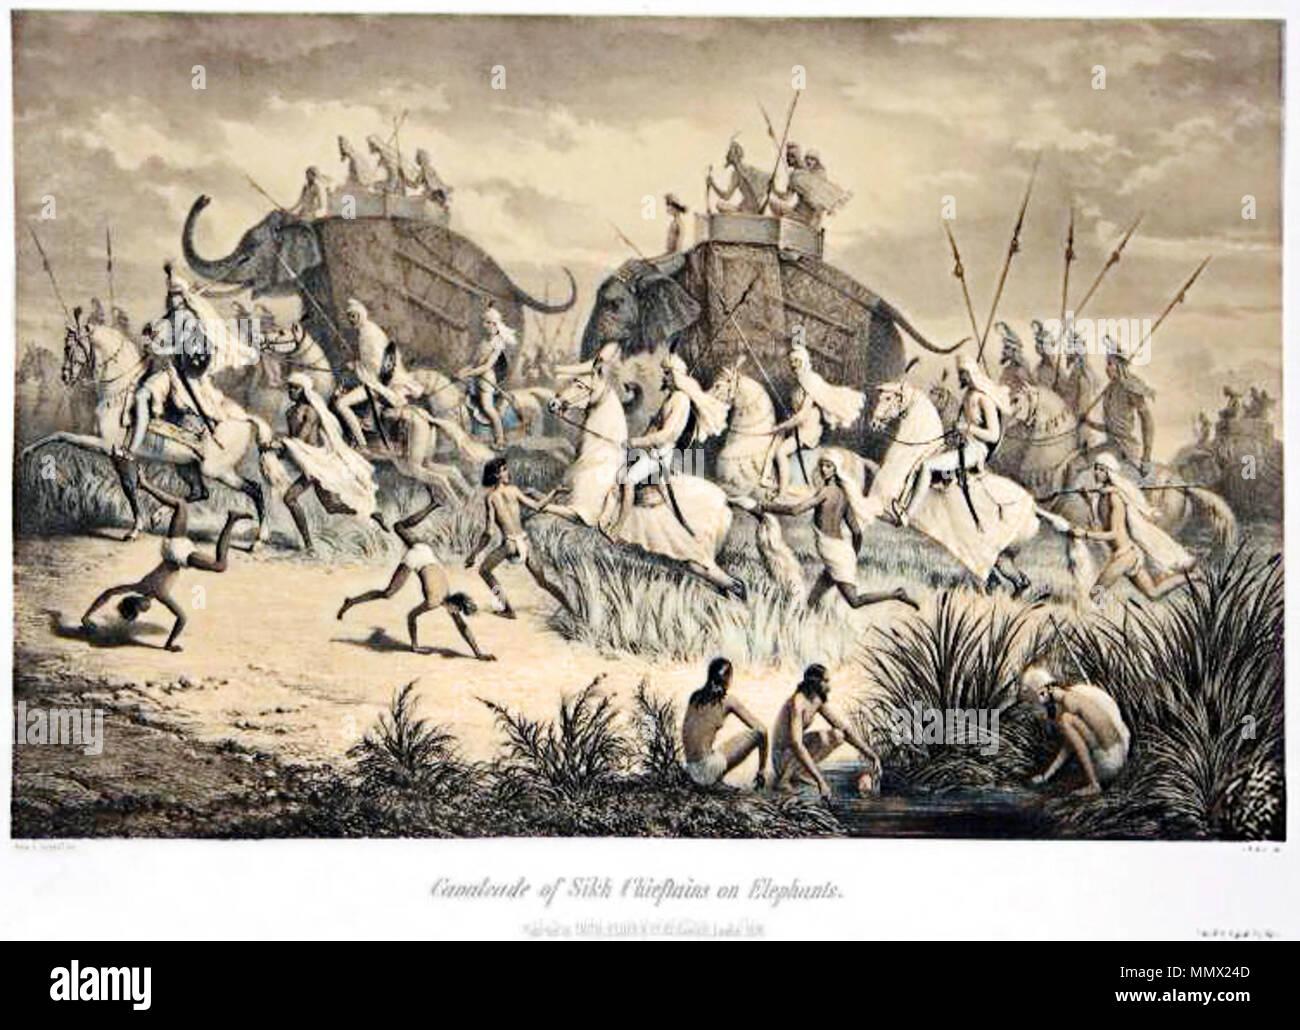 . Deutsch: Dhyan Singh, Premierminister von Ranjit Singh, Maharaja des Punjab mit anderen Sikh Adligen und einer Eskorte von Kavalleristen auf dem Weg zu Sir George Clerk, dem britischen Gesandten English: Dhyan Singh, prime minister of Ranjit Singh, Maharaja of the Punjab, with other Sikh nobles, on their way to meet Sir George Clerk, British envoy, with an escort of cavalrymen  . 1859. Prince Alexis Soltykoff Dhyan Singh (retouched) - Stock Image